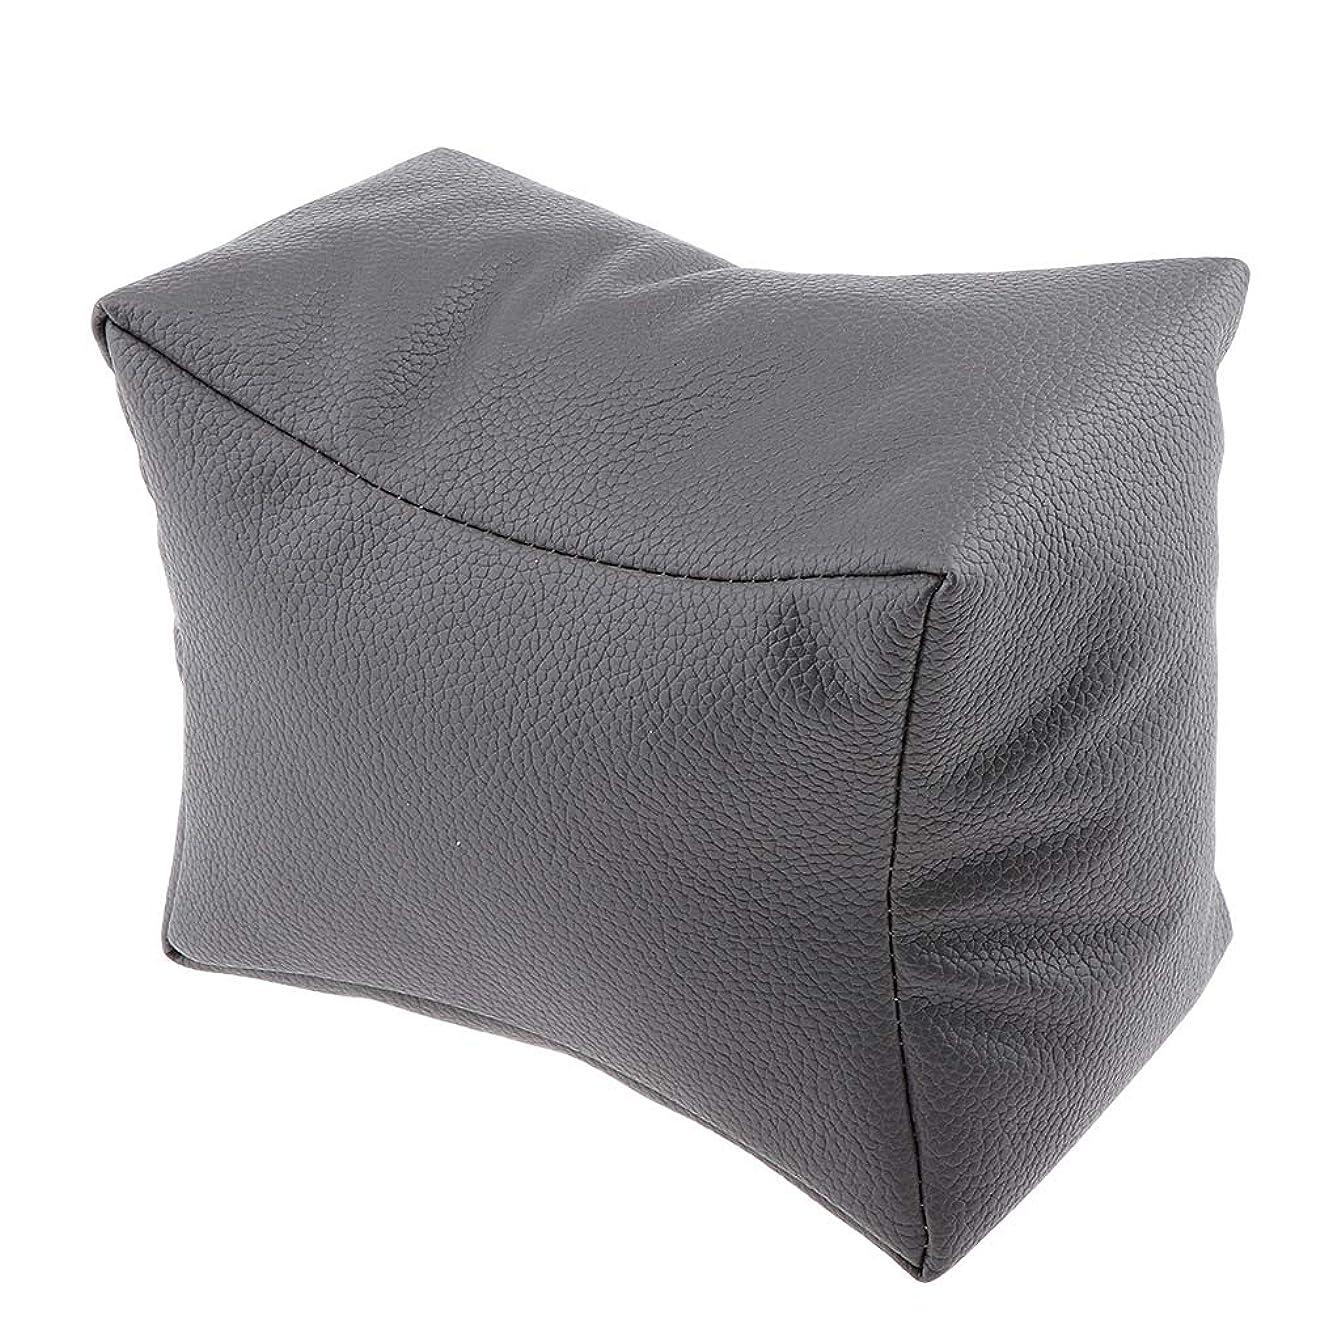 ドロー報復先行するSM SunniMix ハンドクッション レストピロー ネイルアートデザイン 手枕 ソフト 4色選べ - グレー